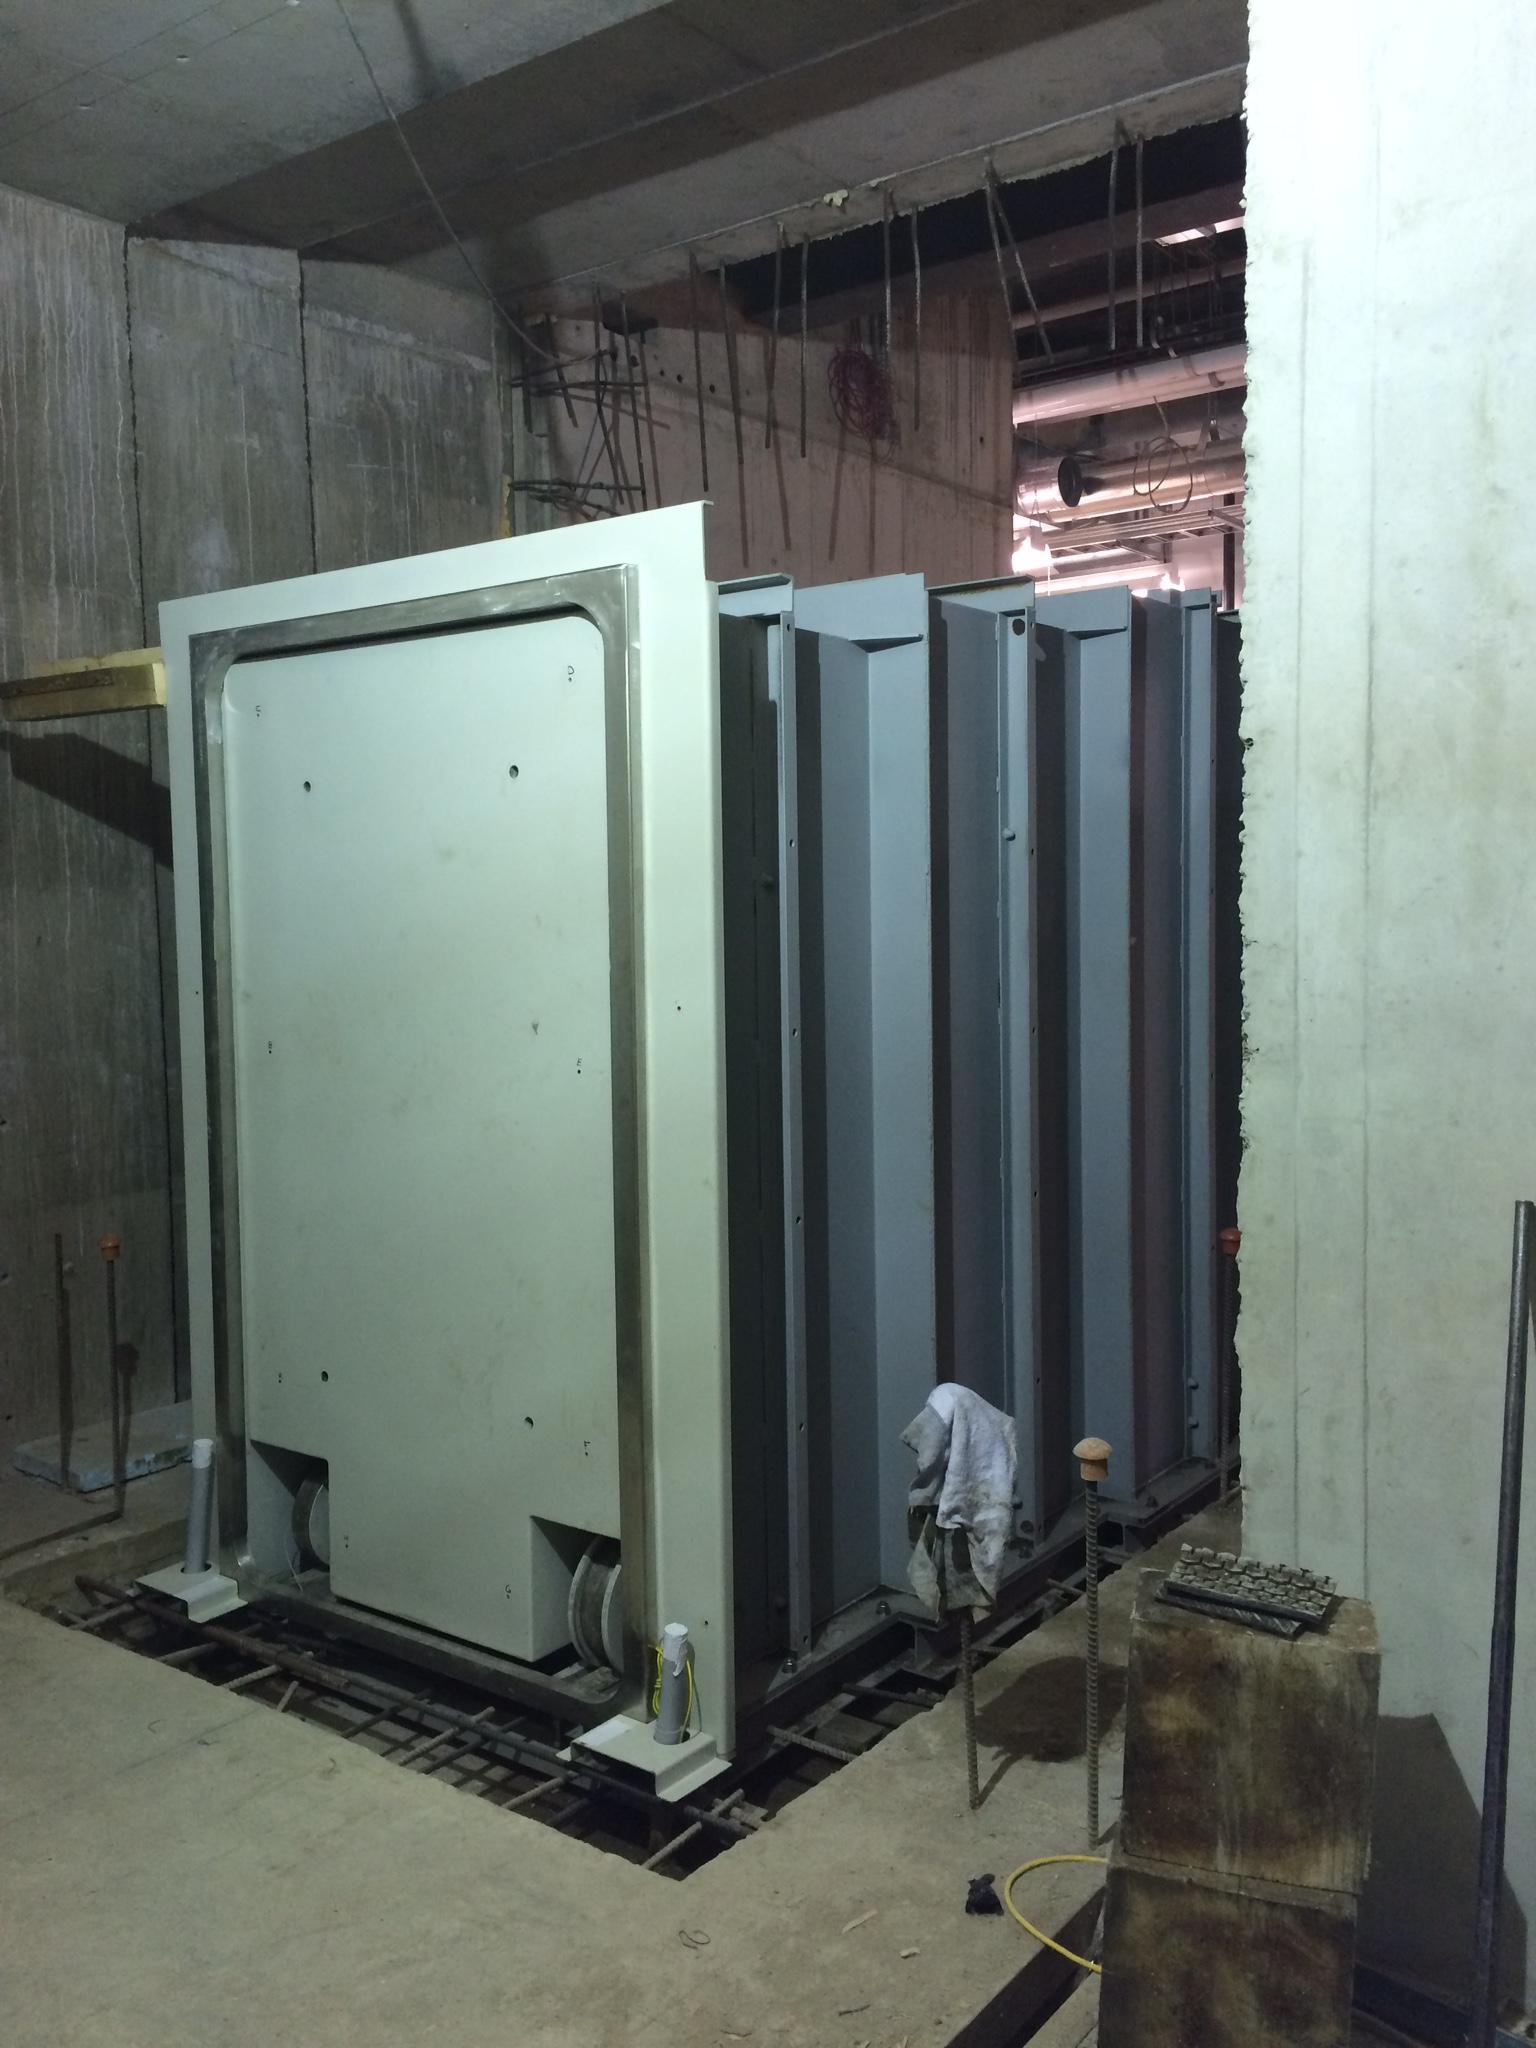 Bunker door and frame